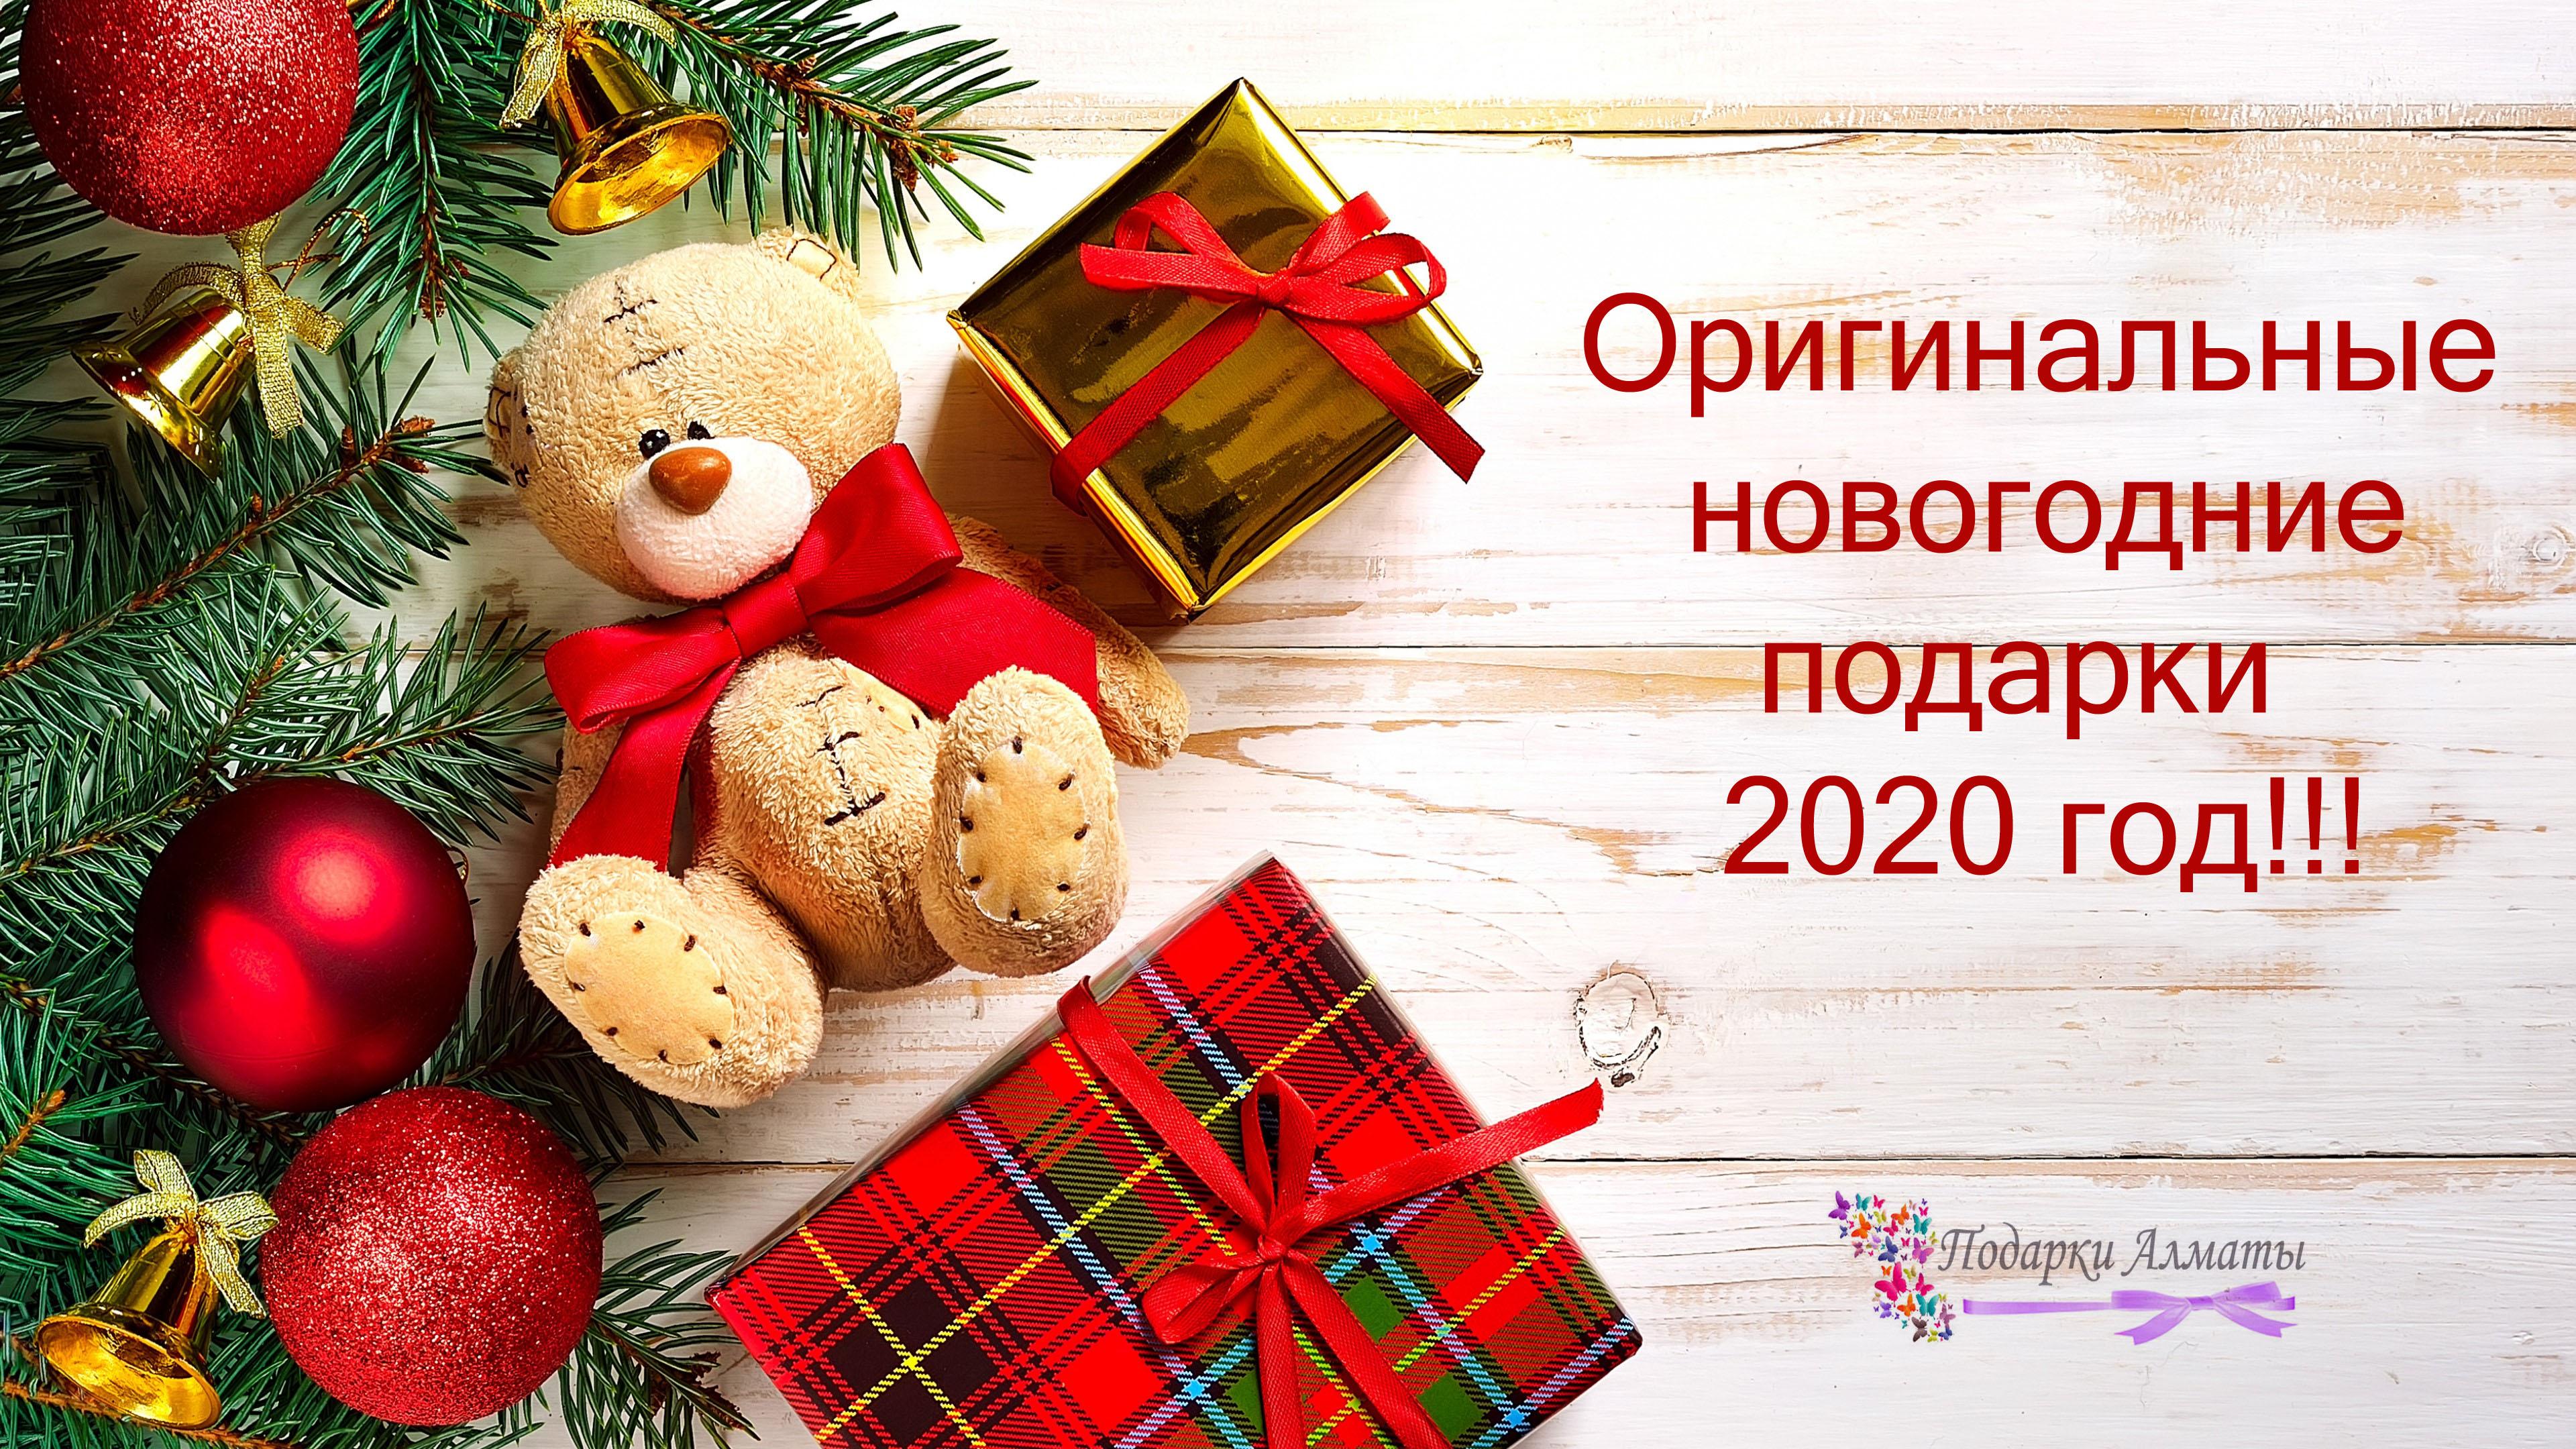 Новогодние подарки 2020 для детей и взрослых